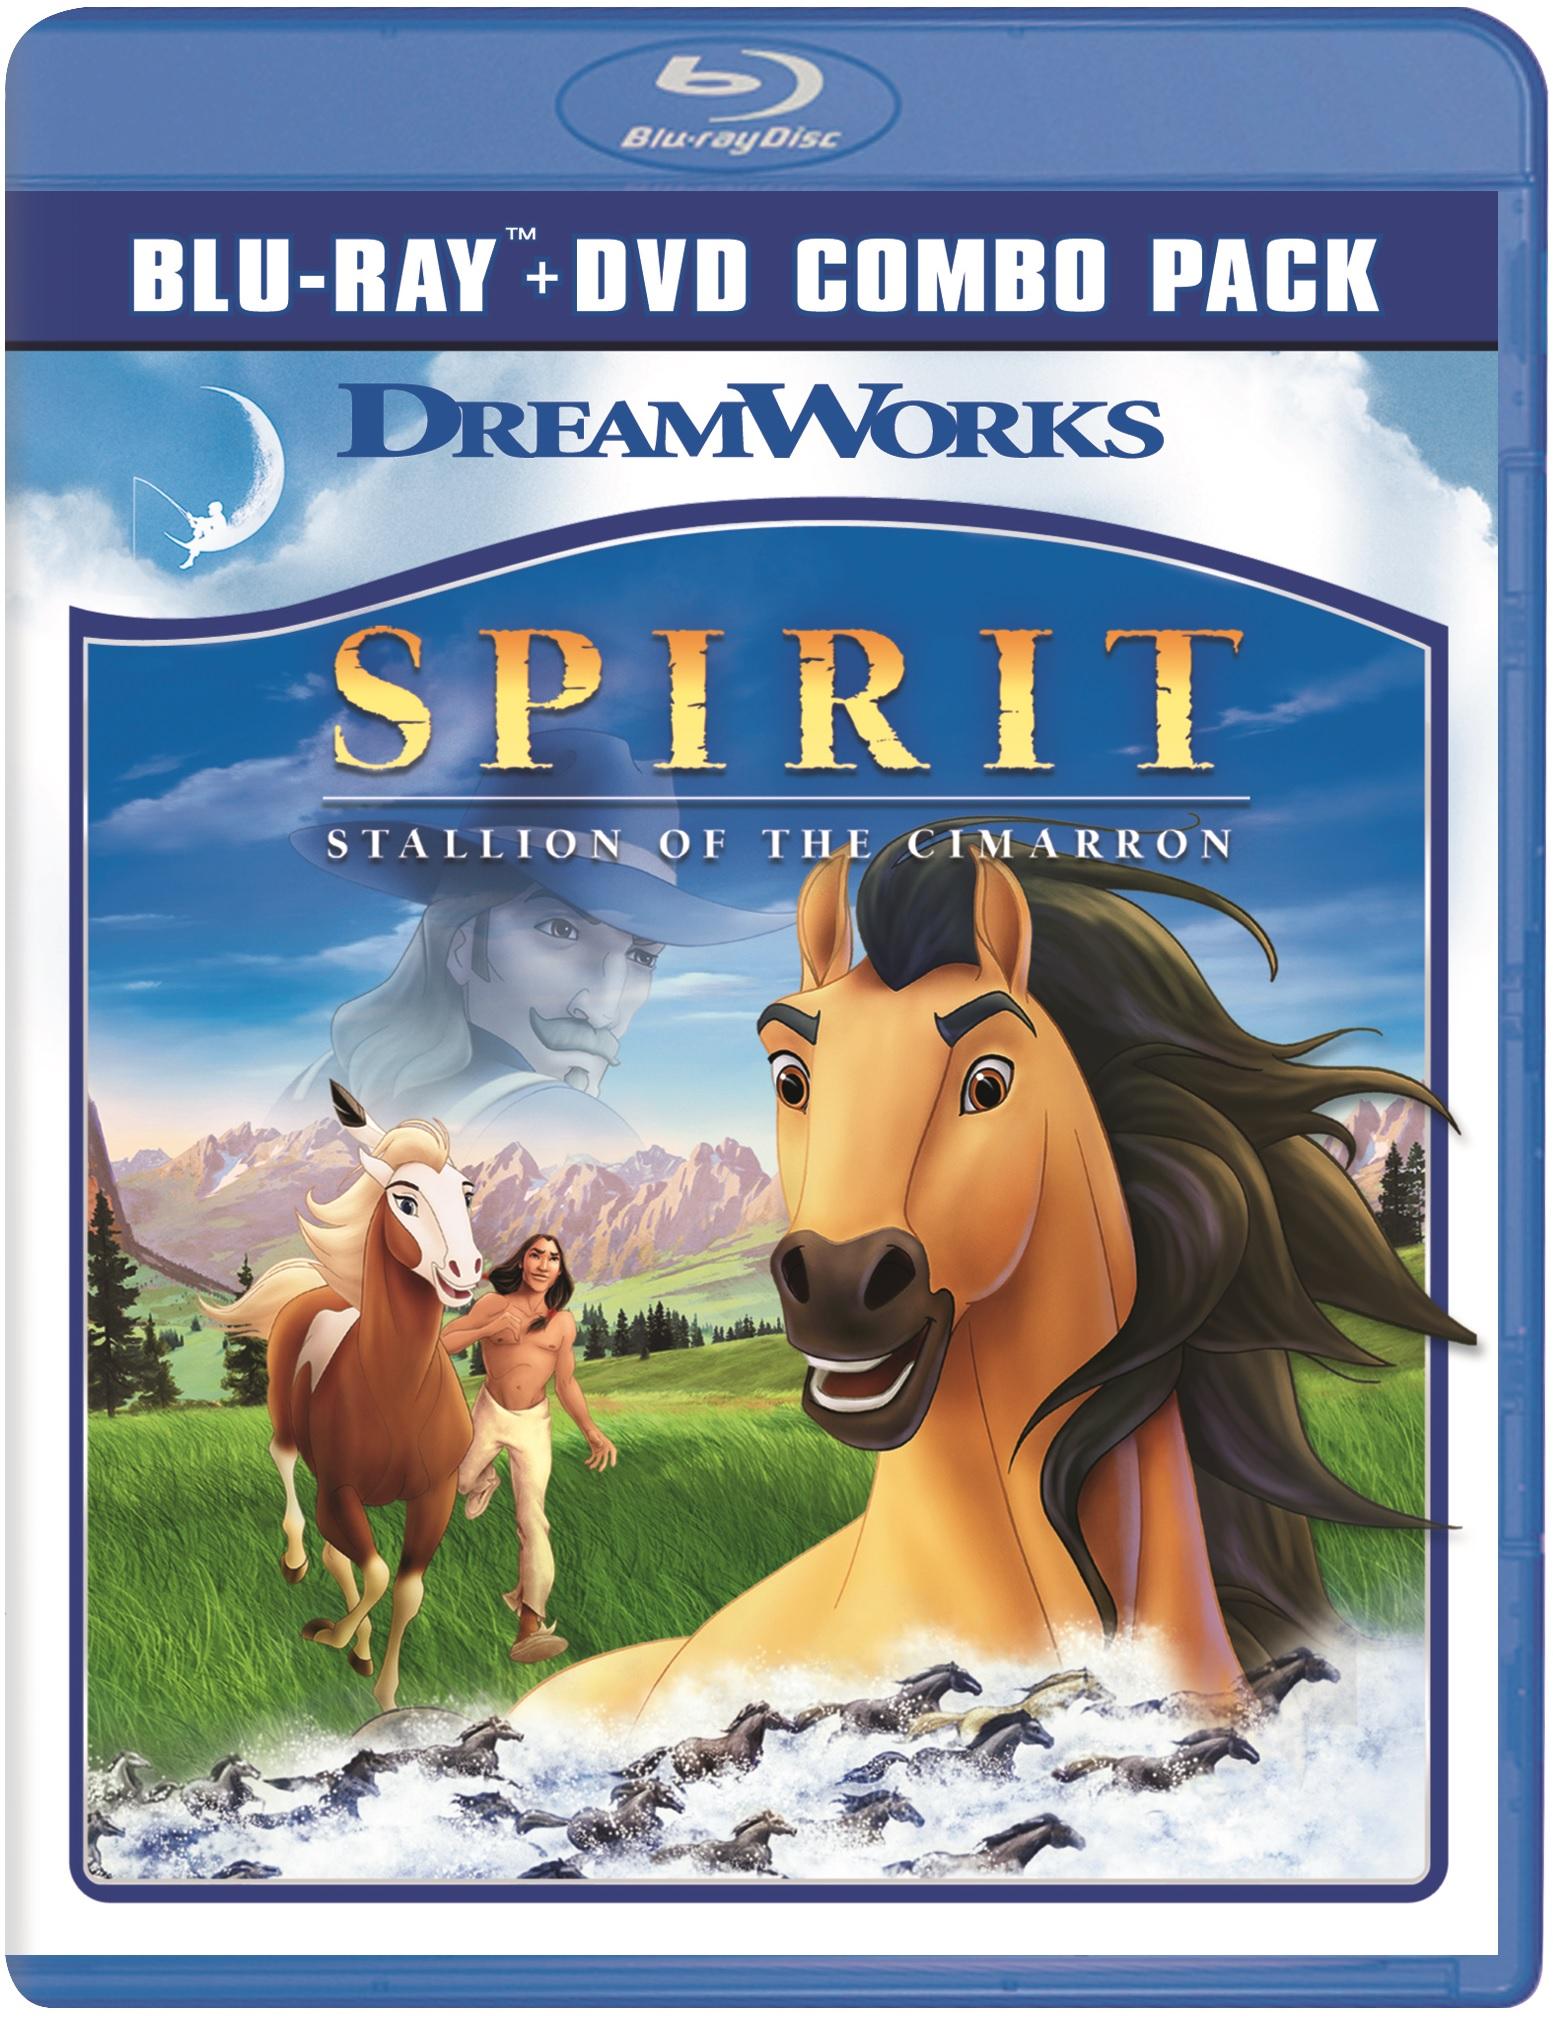 Spirit Stallion of The Cimarron Blu-ray Review